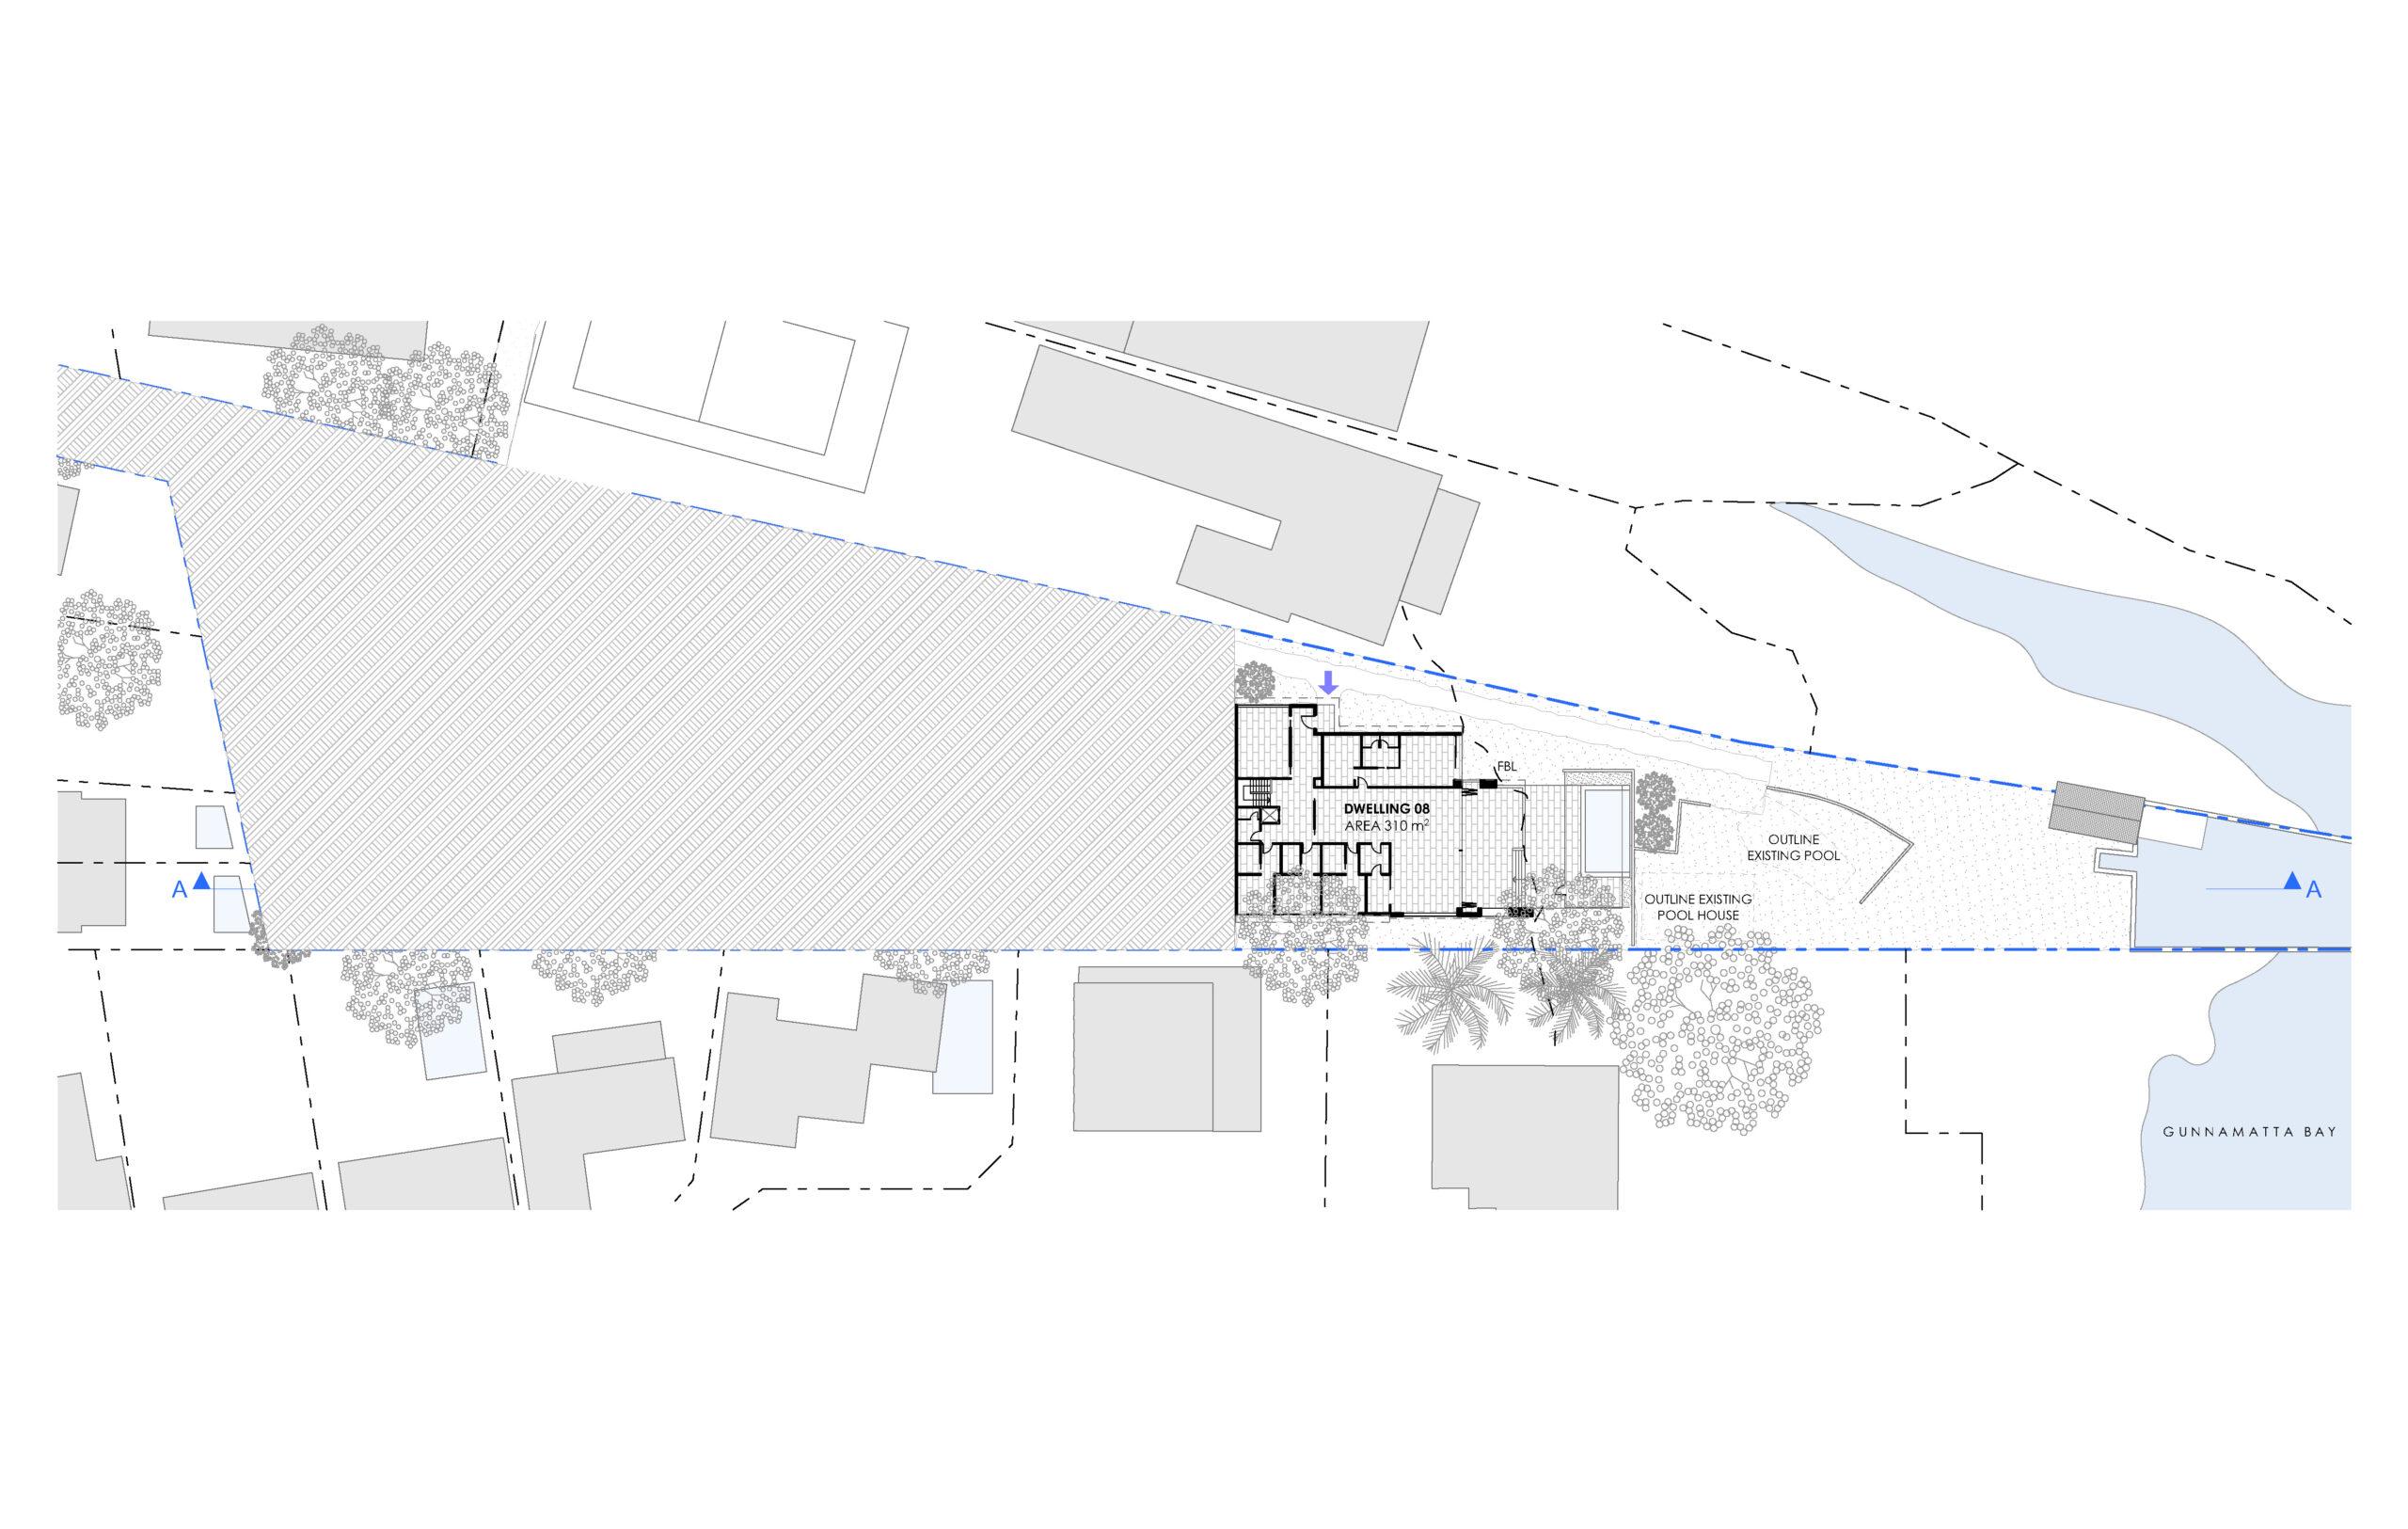 Vic Lake Architects Cascade Gunamatta